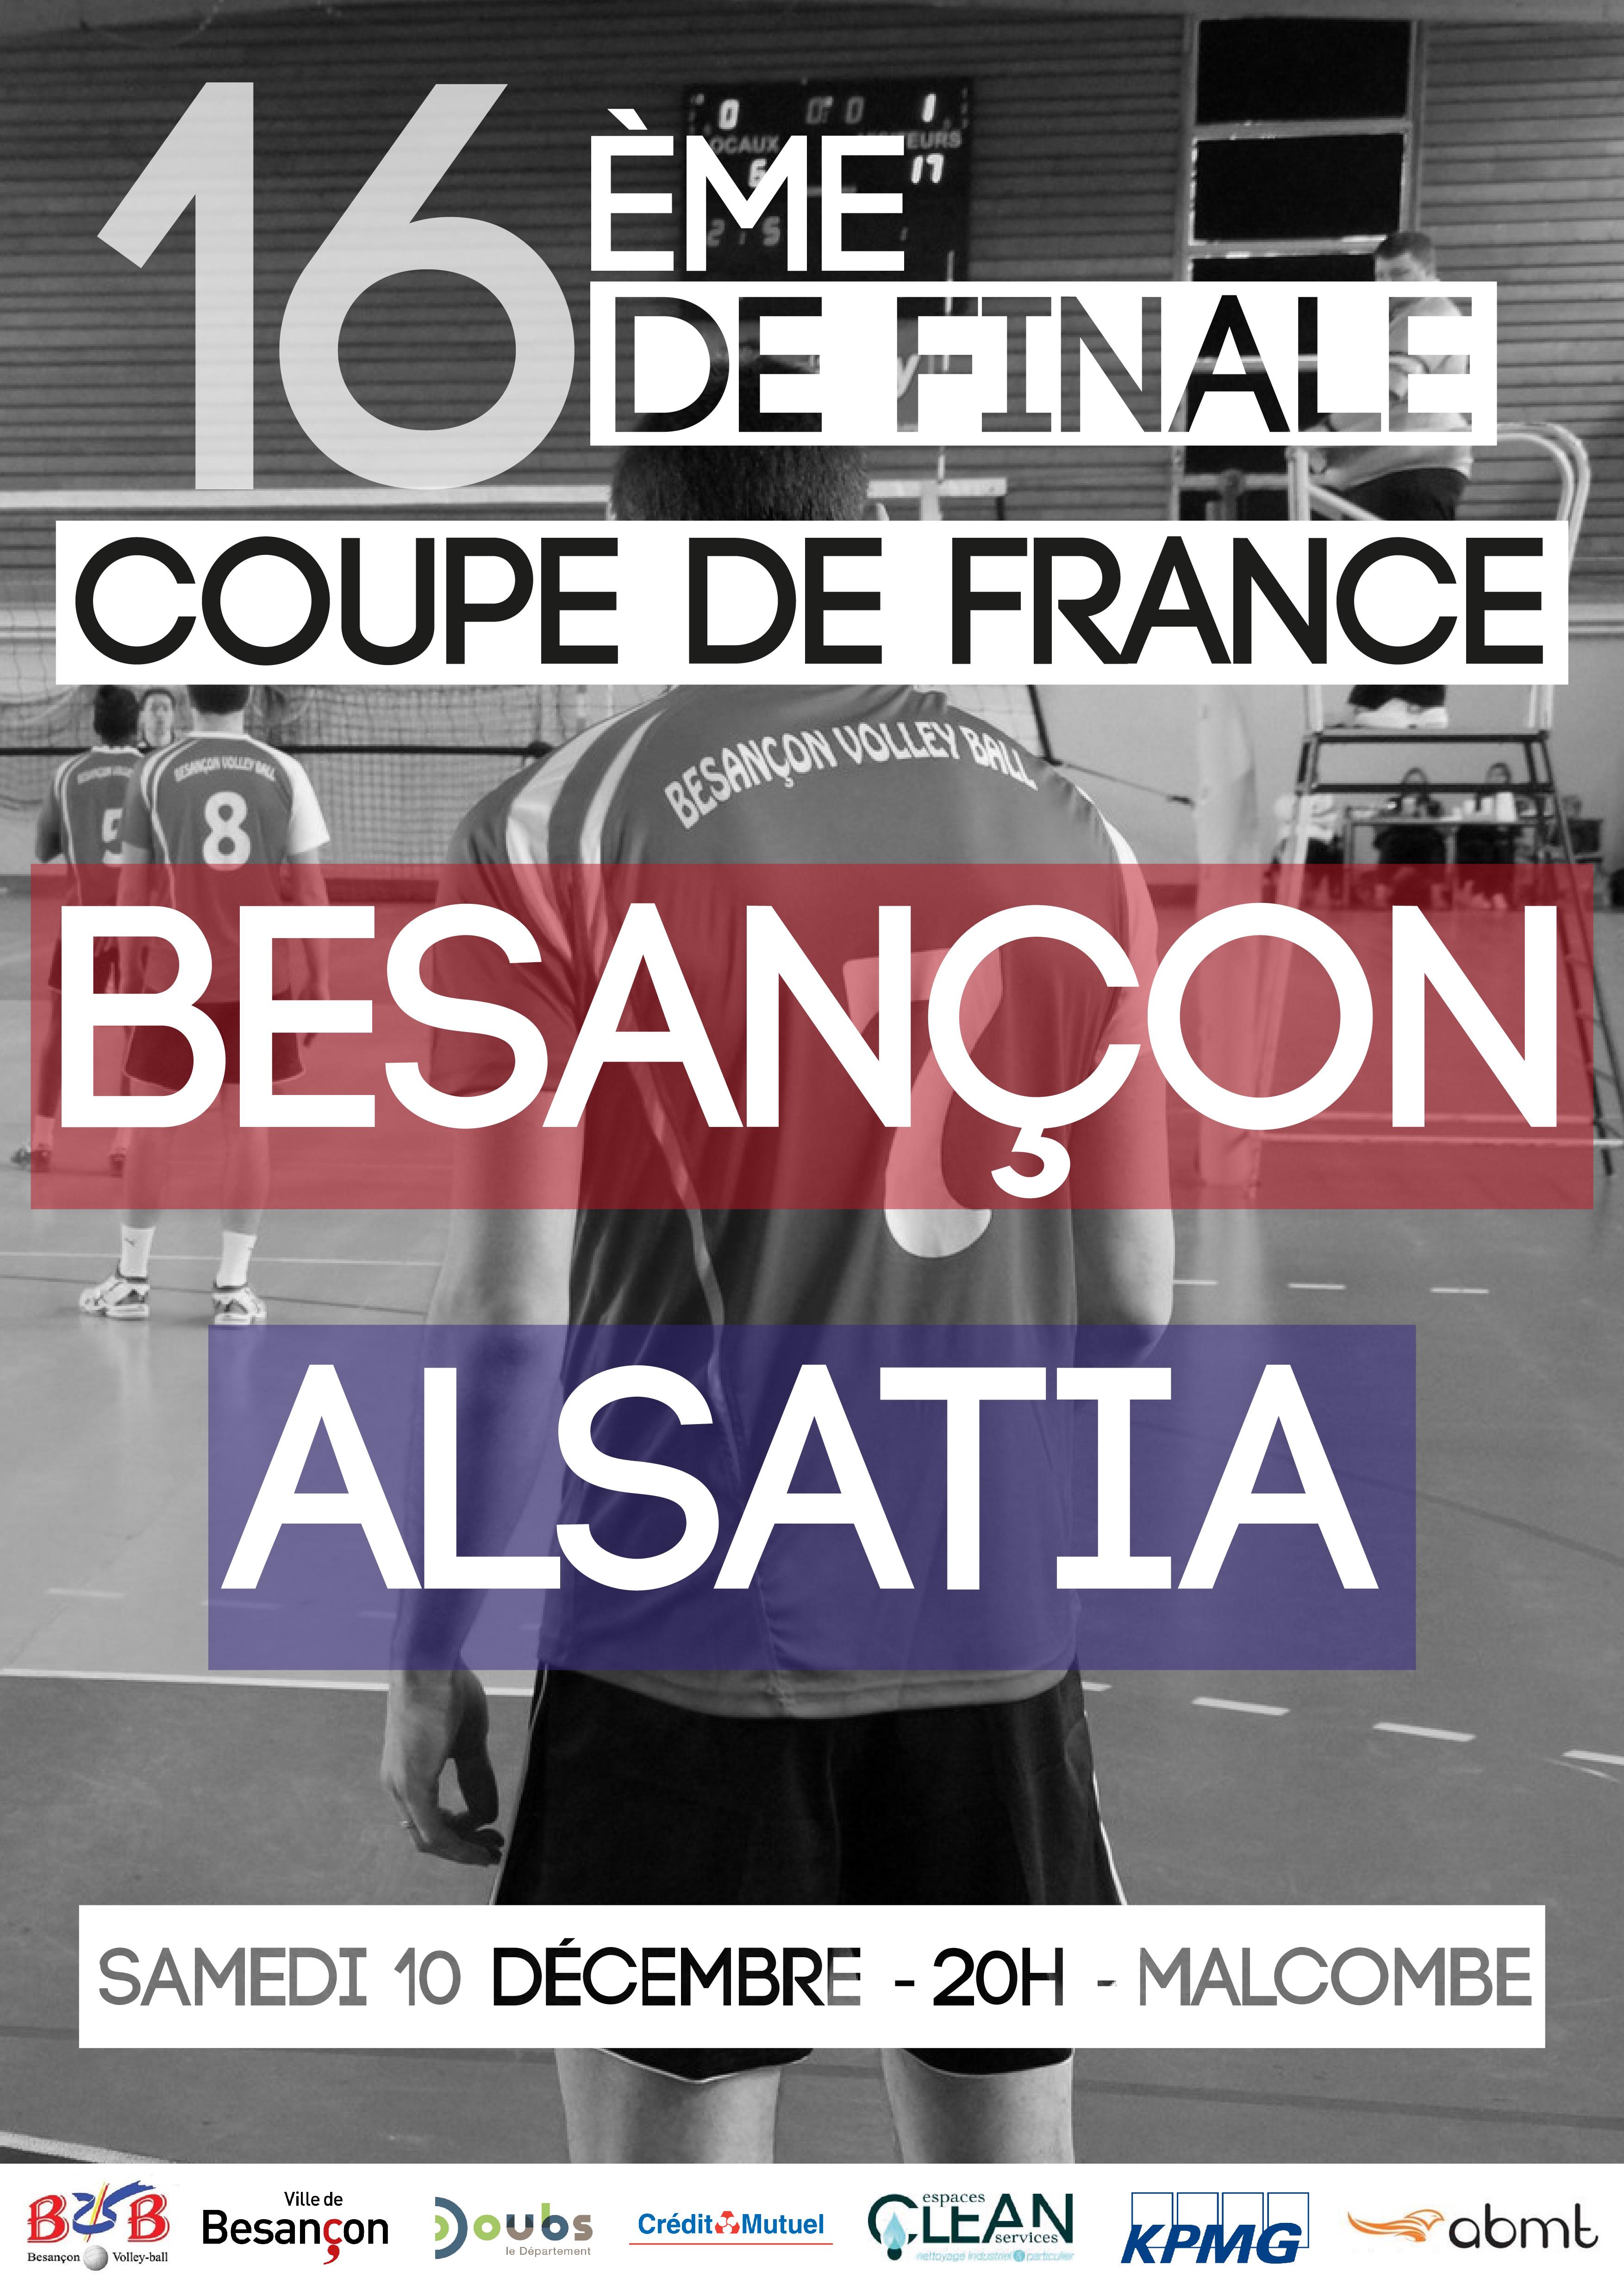 affiche-alsatia-coupe-de-france-01